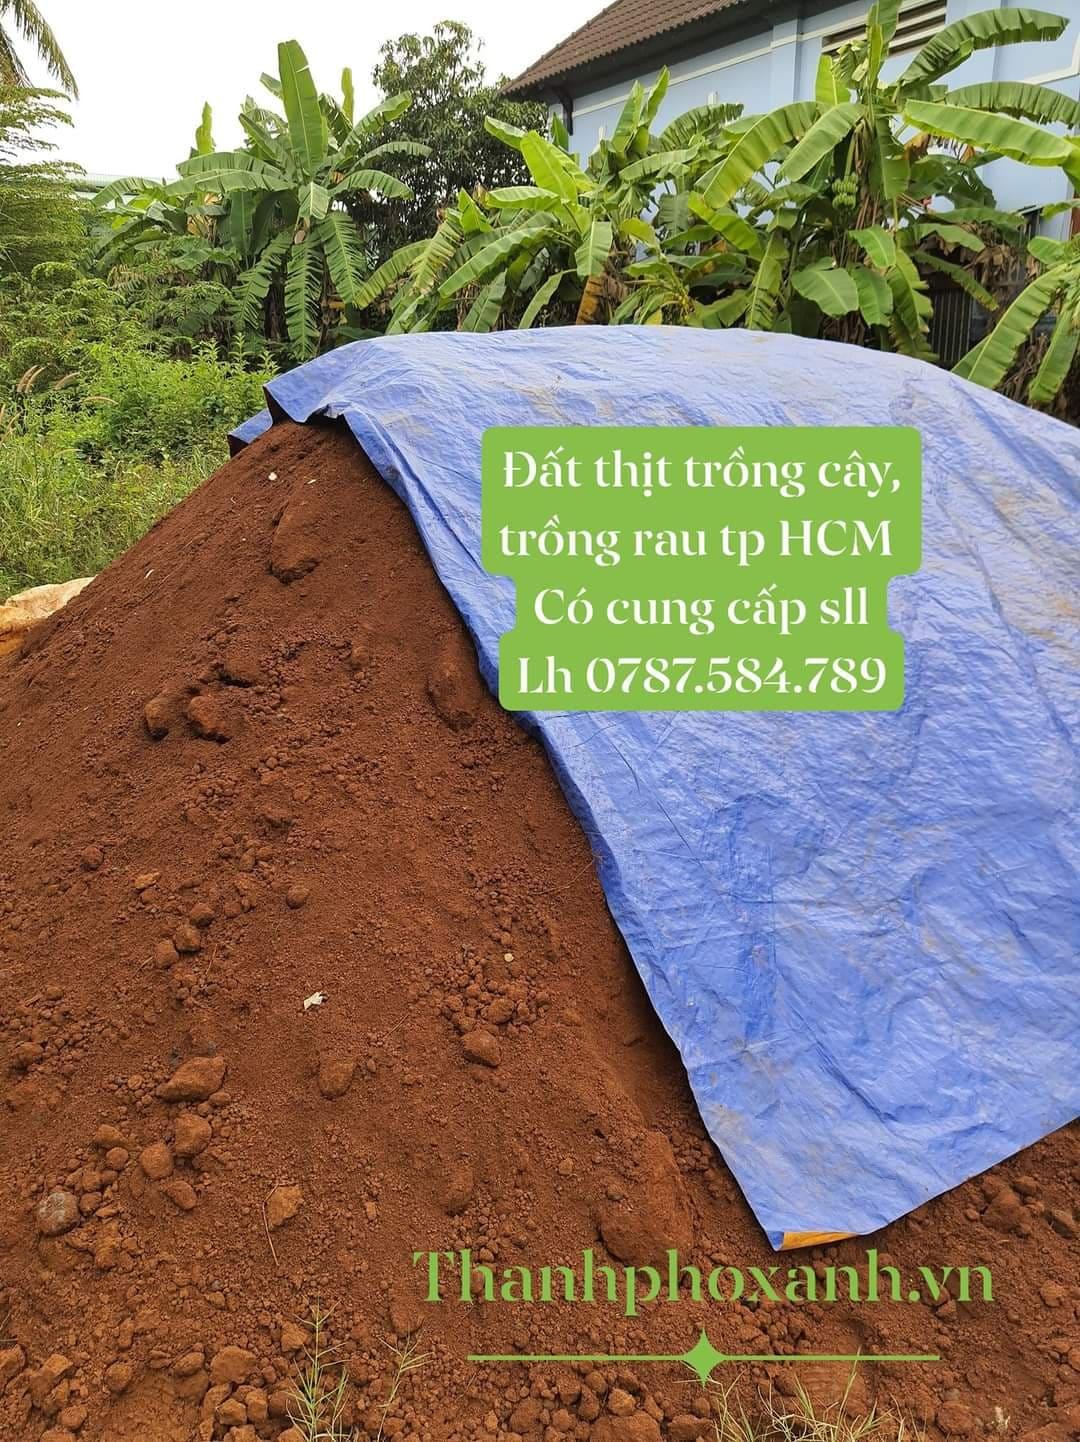 Mua bán đất thịt đất đỏ bazan trồng cây trồng rau trồng hoa  TP HCM